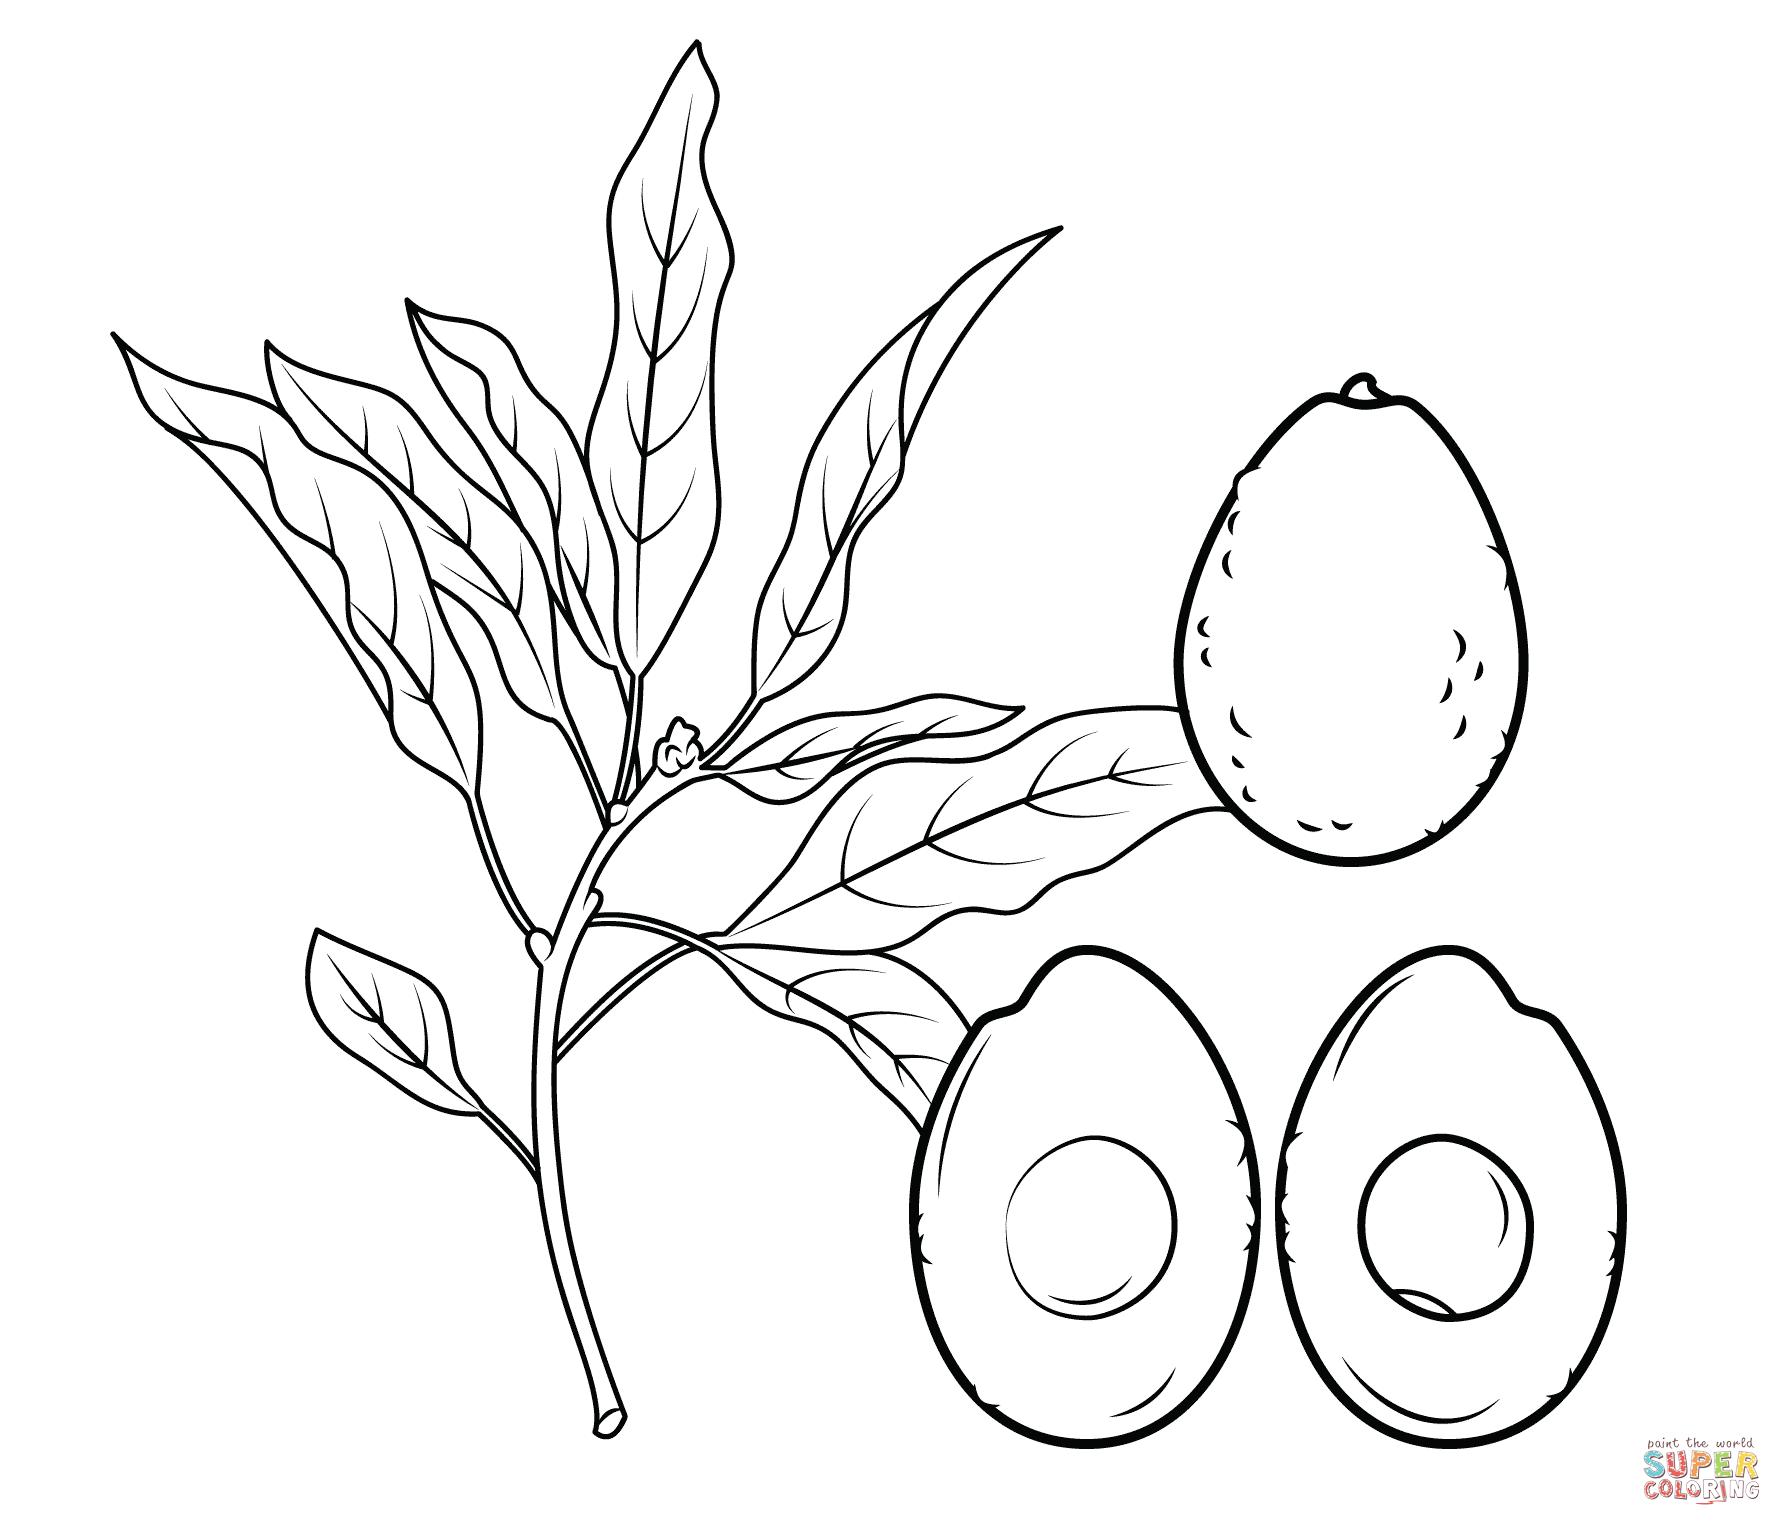 Ausmalbild Avocado Zweig Ganze Avocado Und Querschnitt